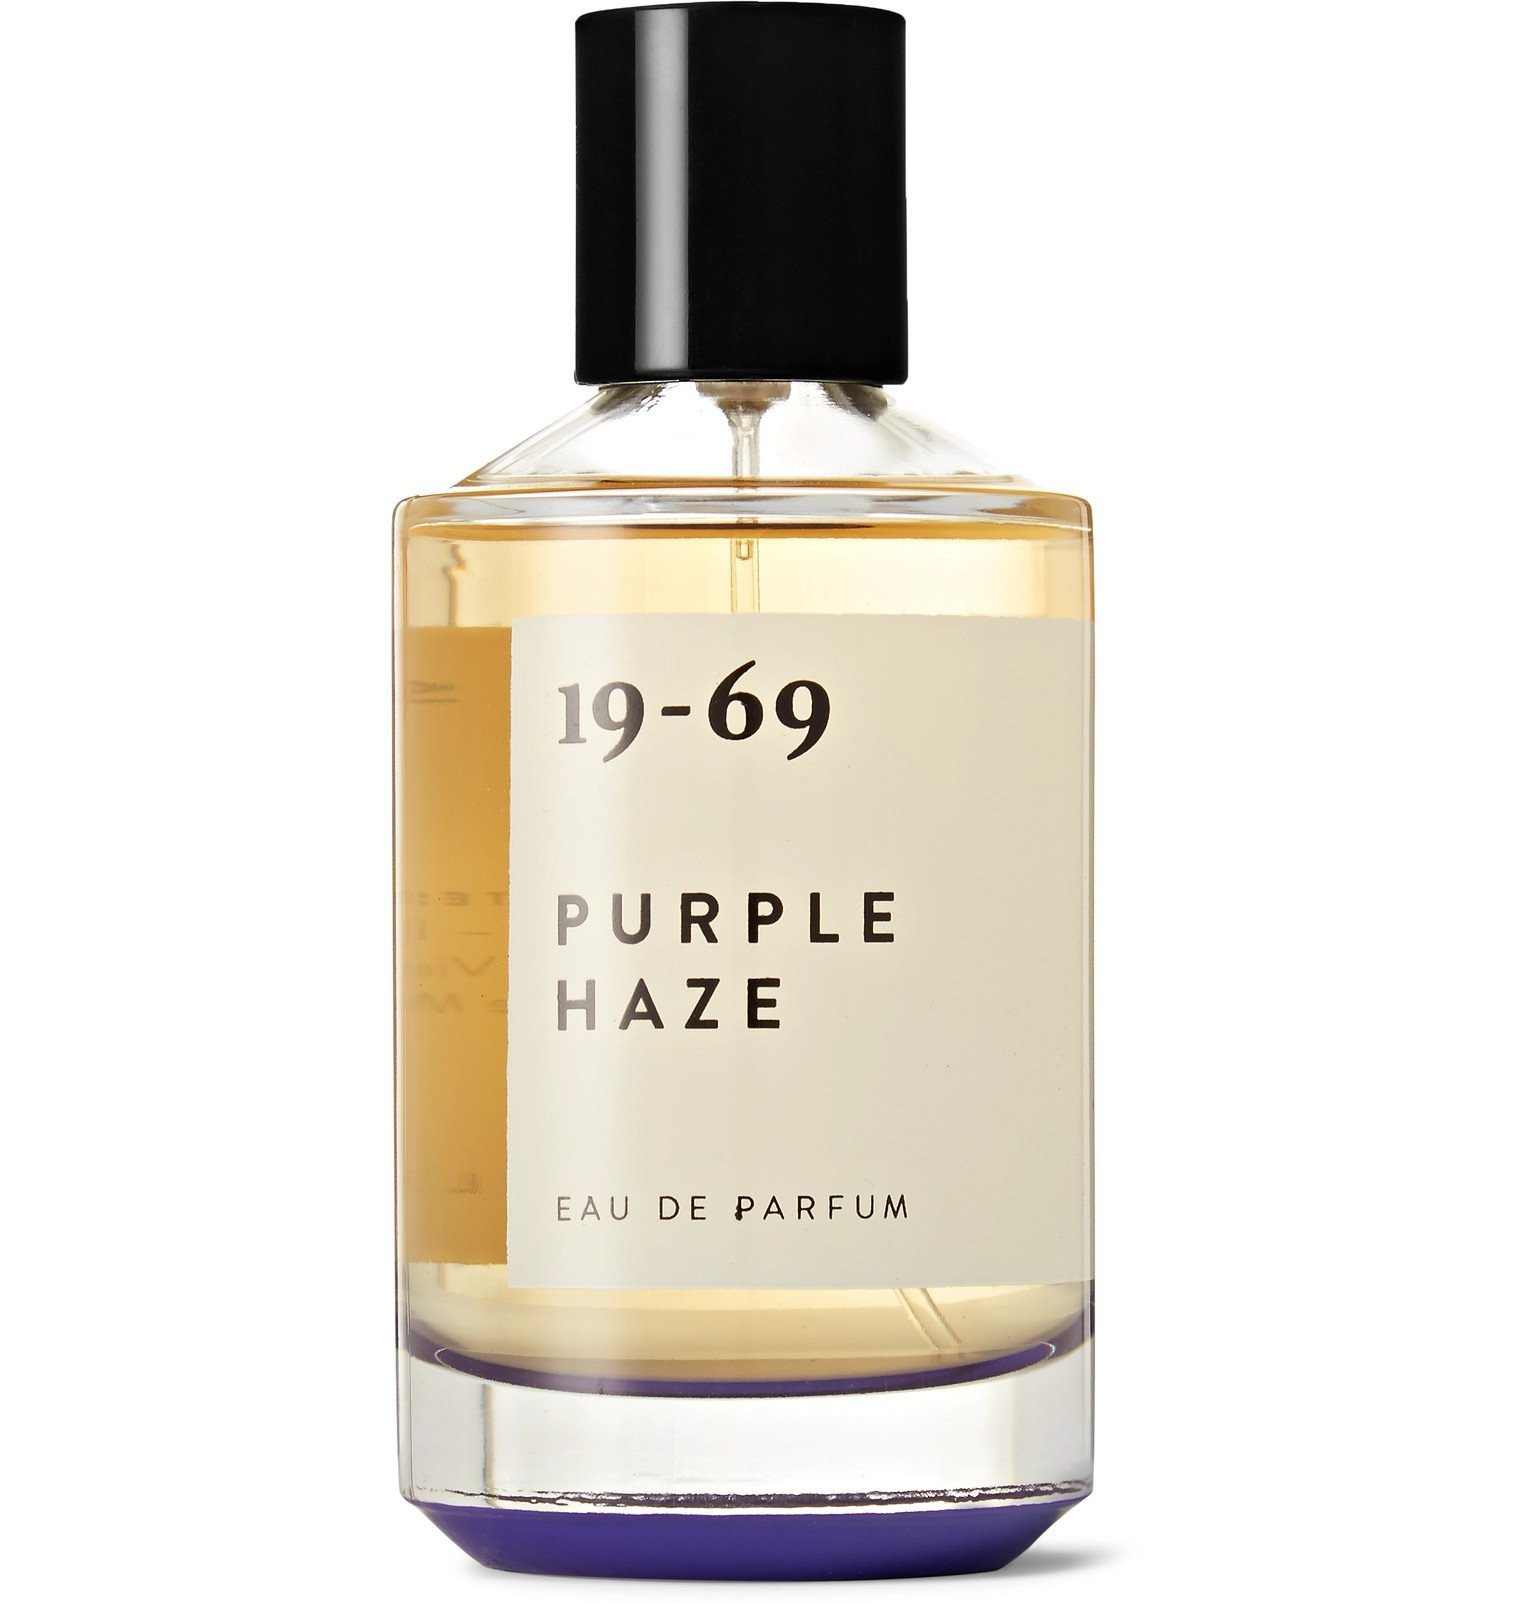 Photo: 19-69 - Purple Haze Eau de Parfum, 100ml - Colorless